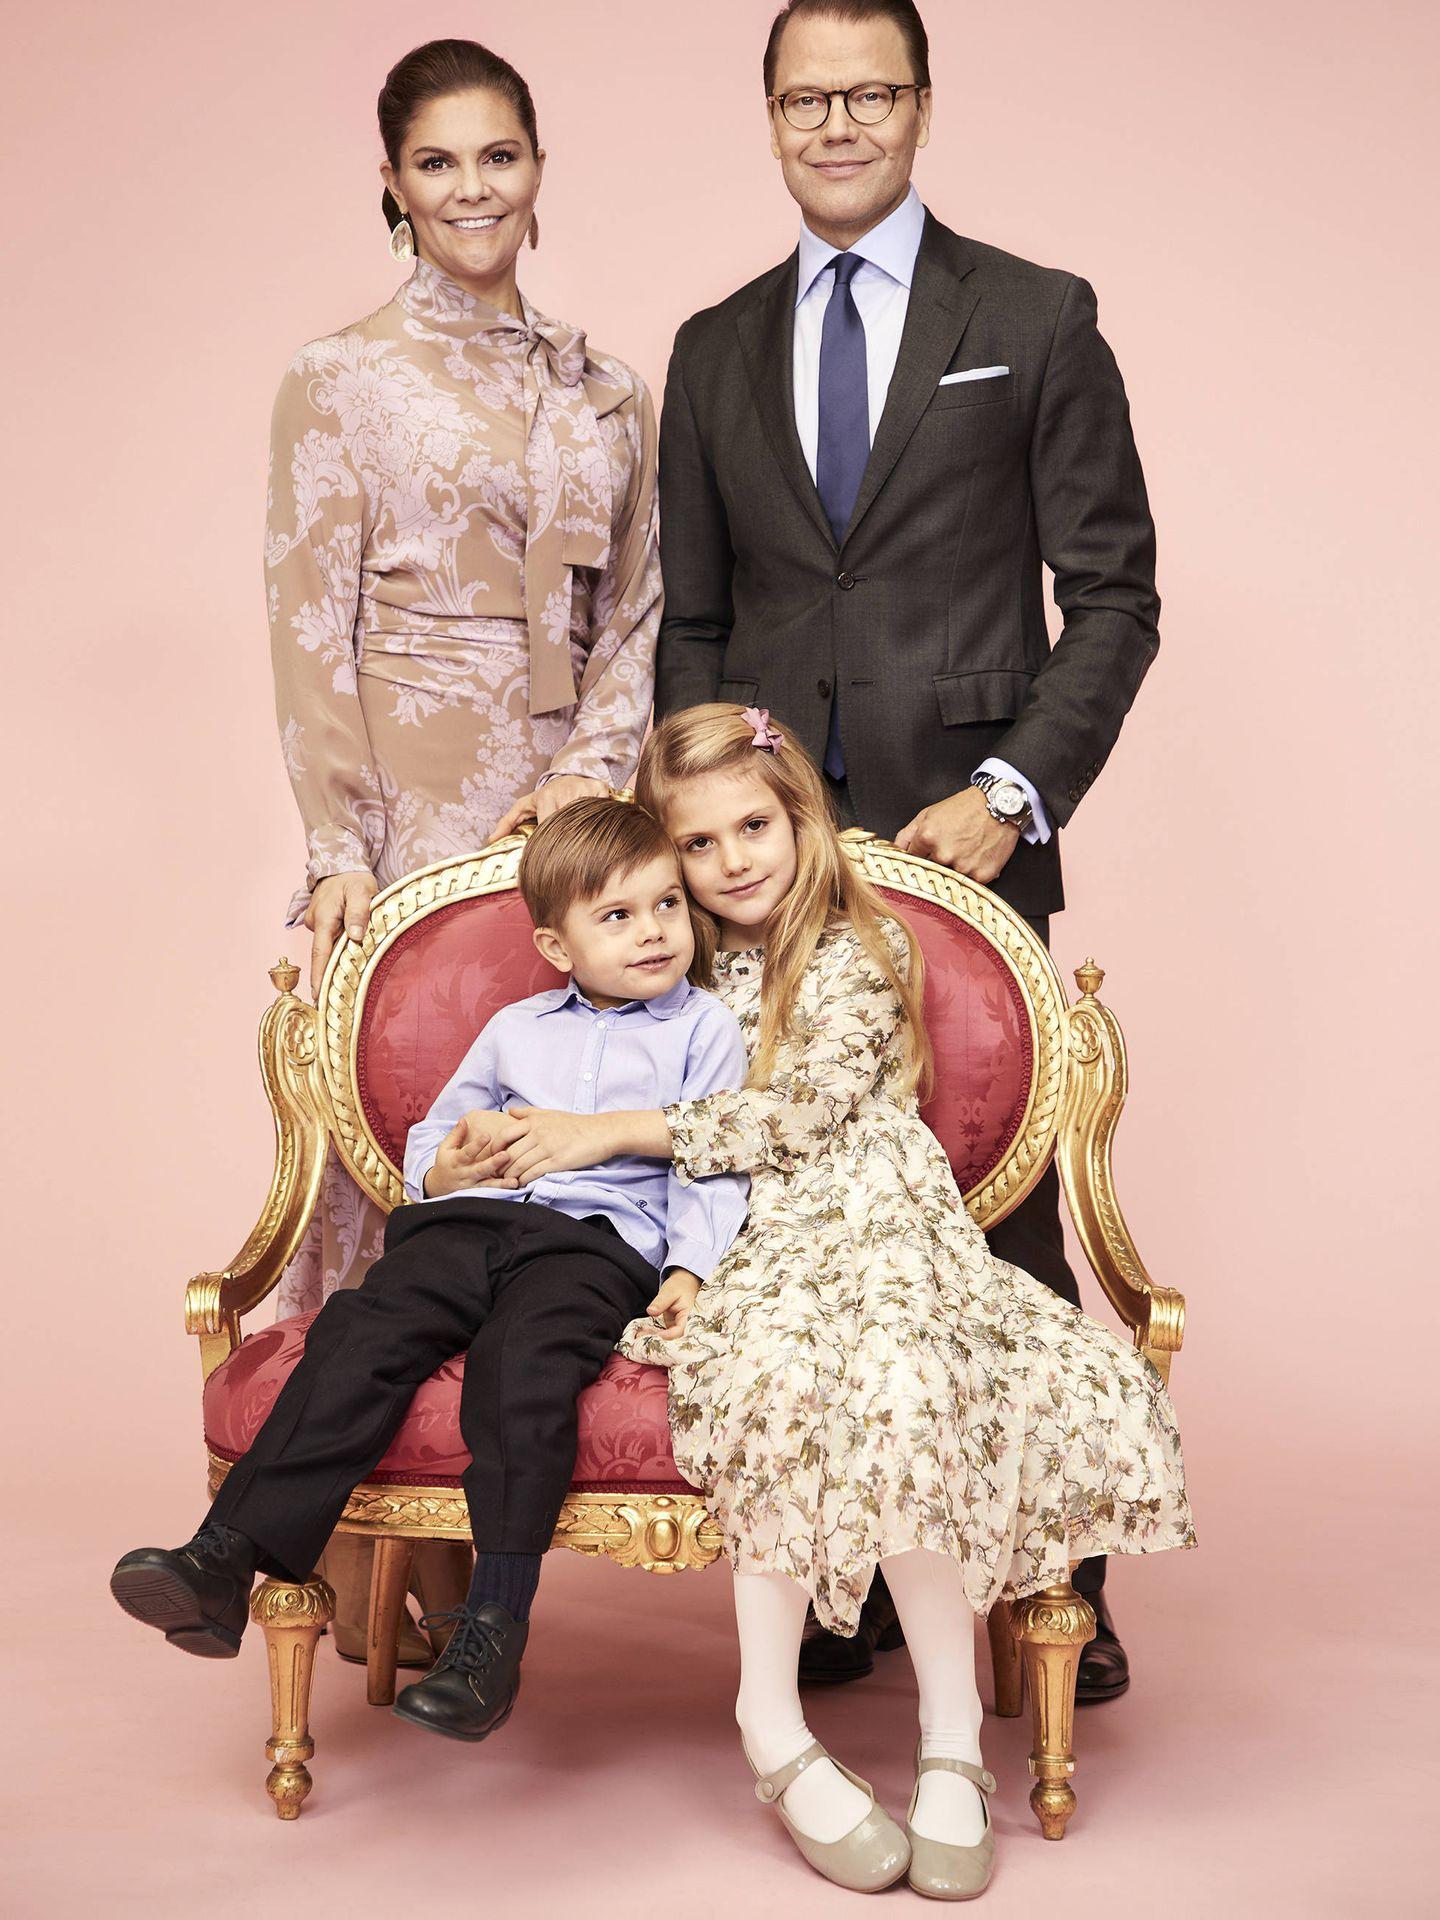 La princesa Victoria, con su familia. (Anna-Lena Ahlström, Casa Real de Suecia)